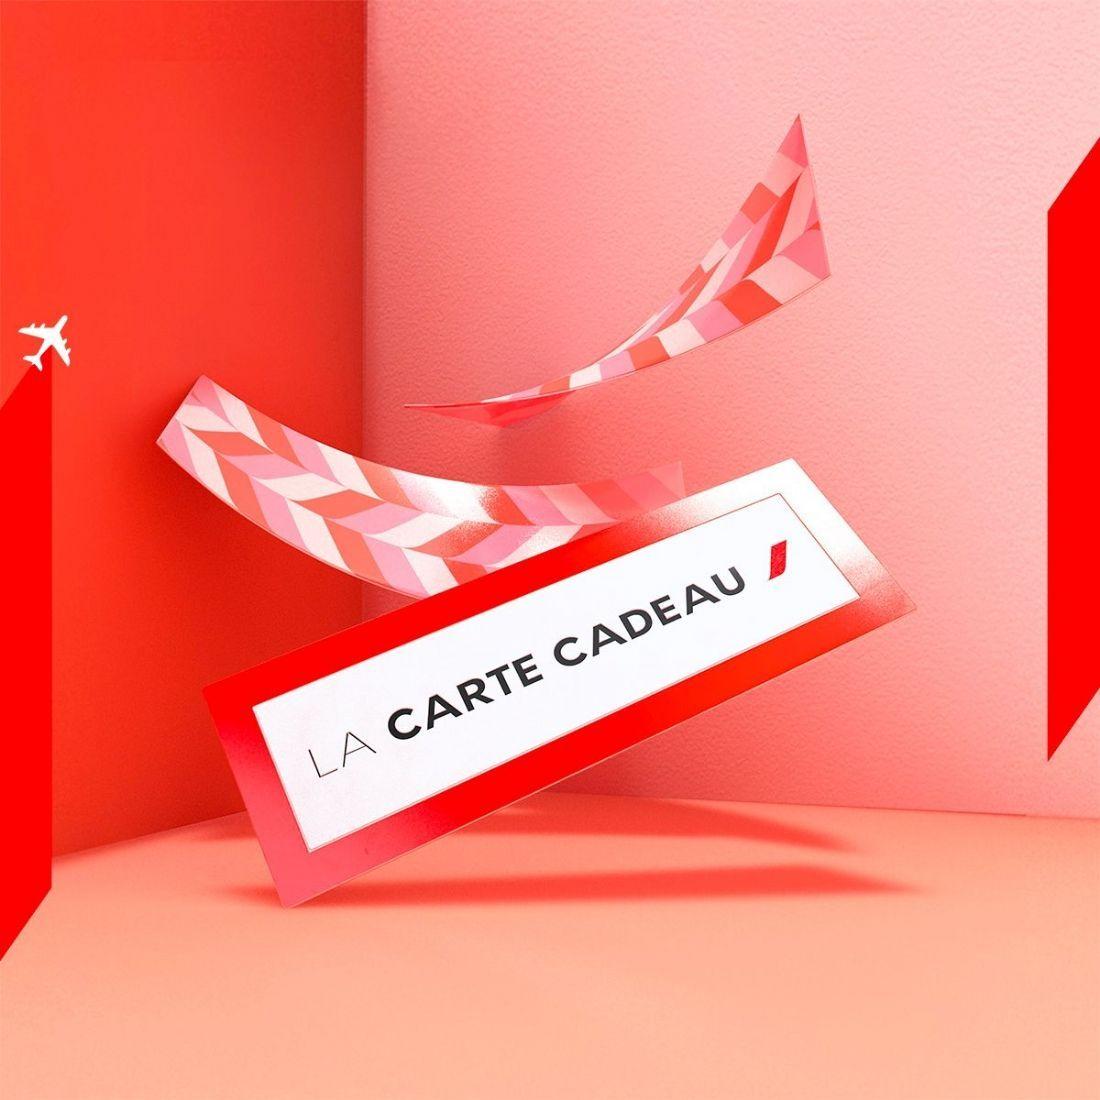 carte cadeau air france Air France lance une carte cadeau